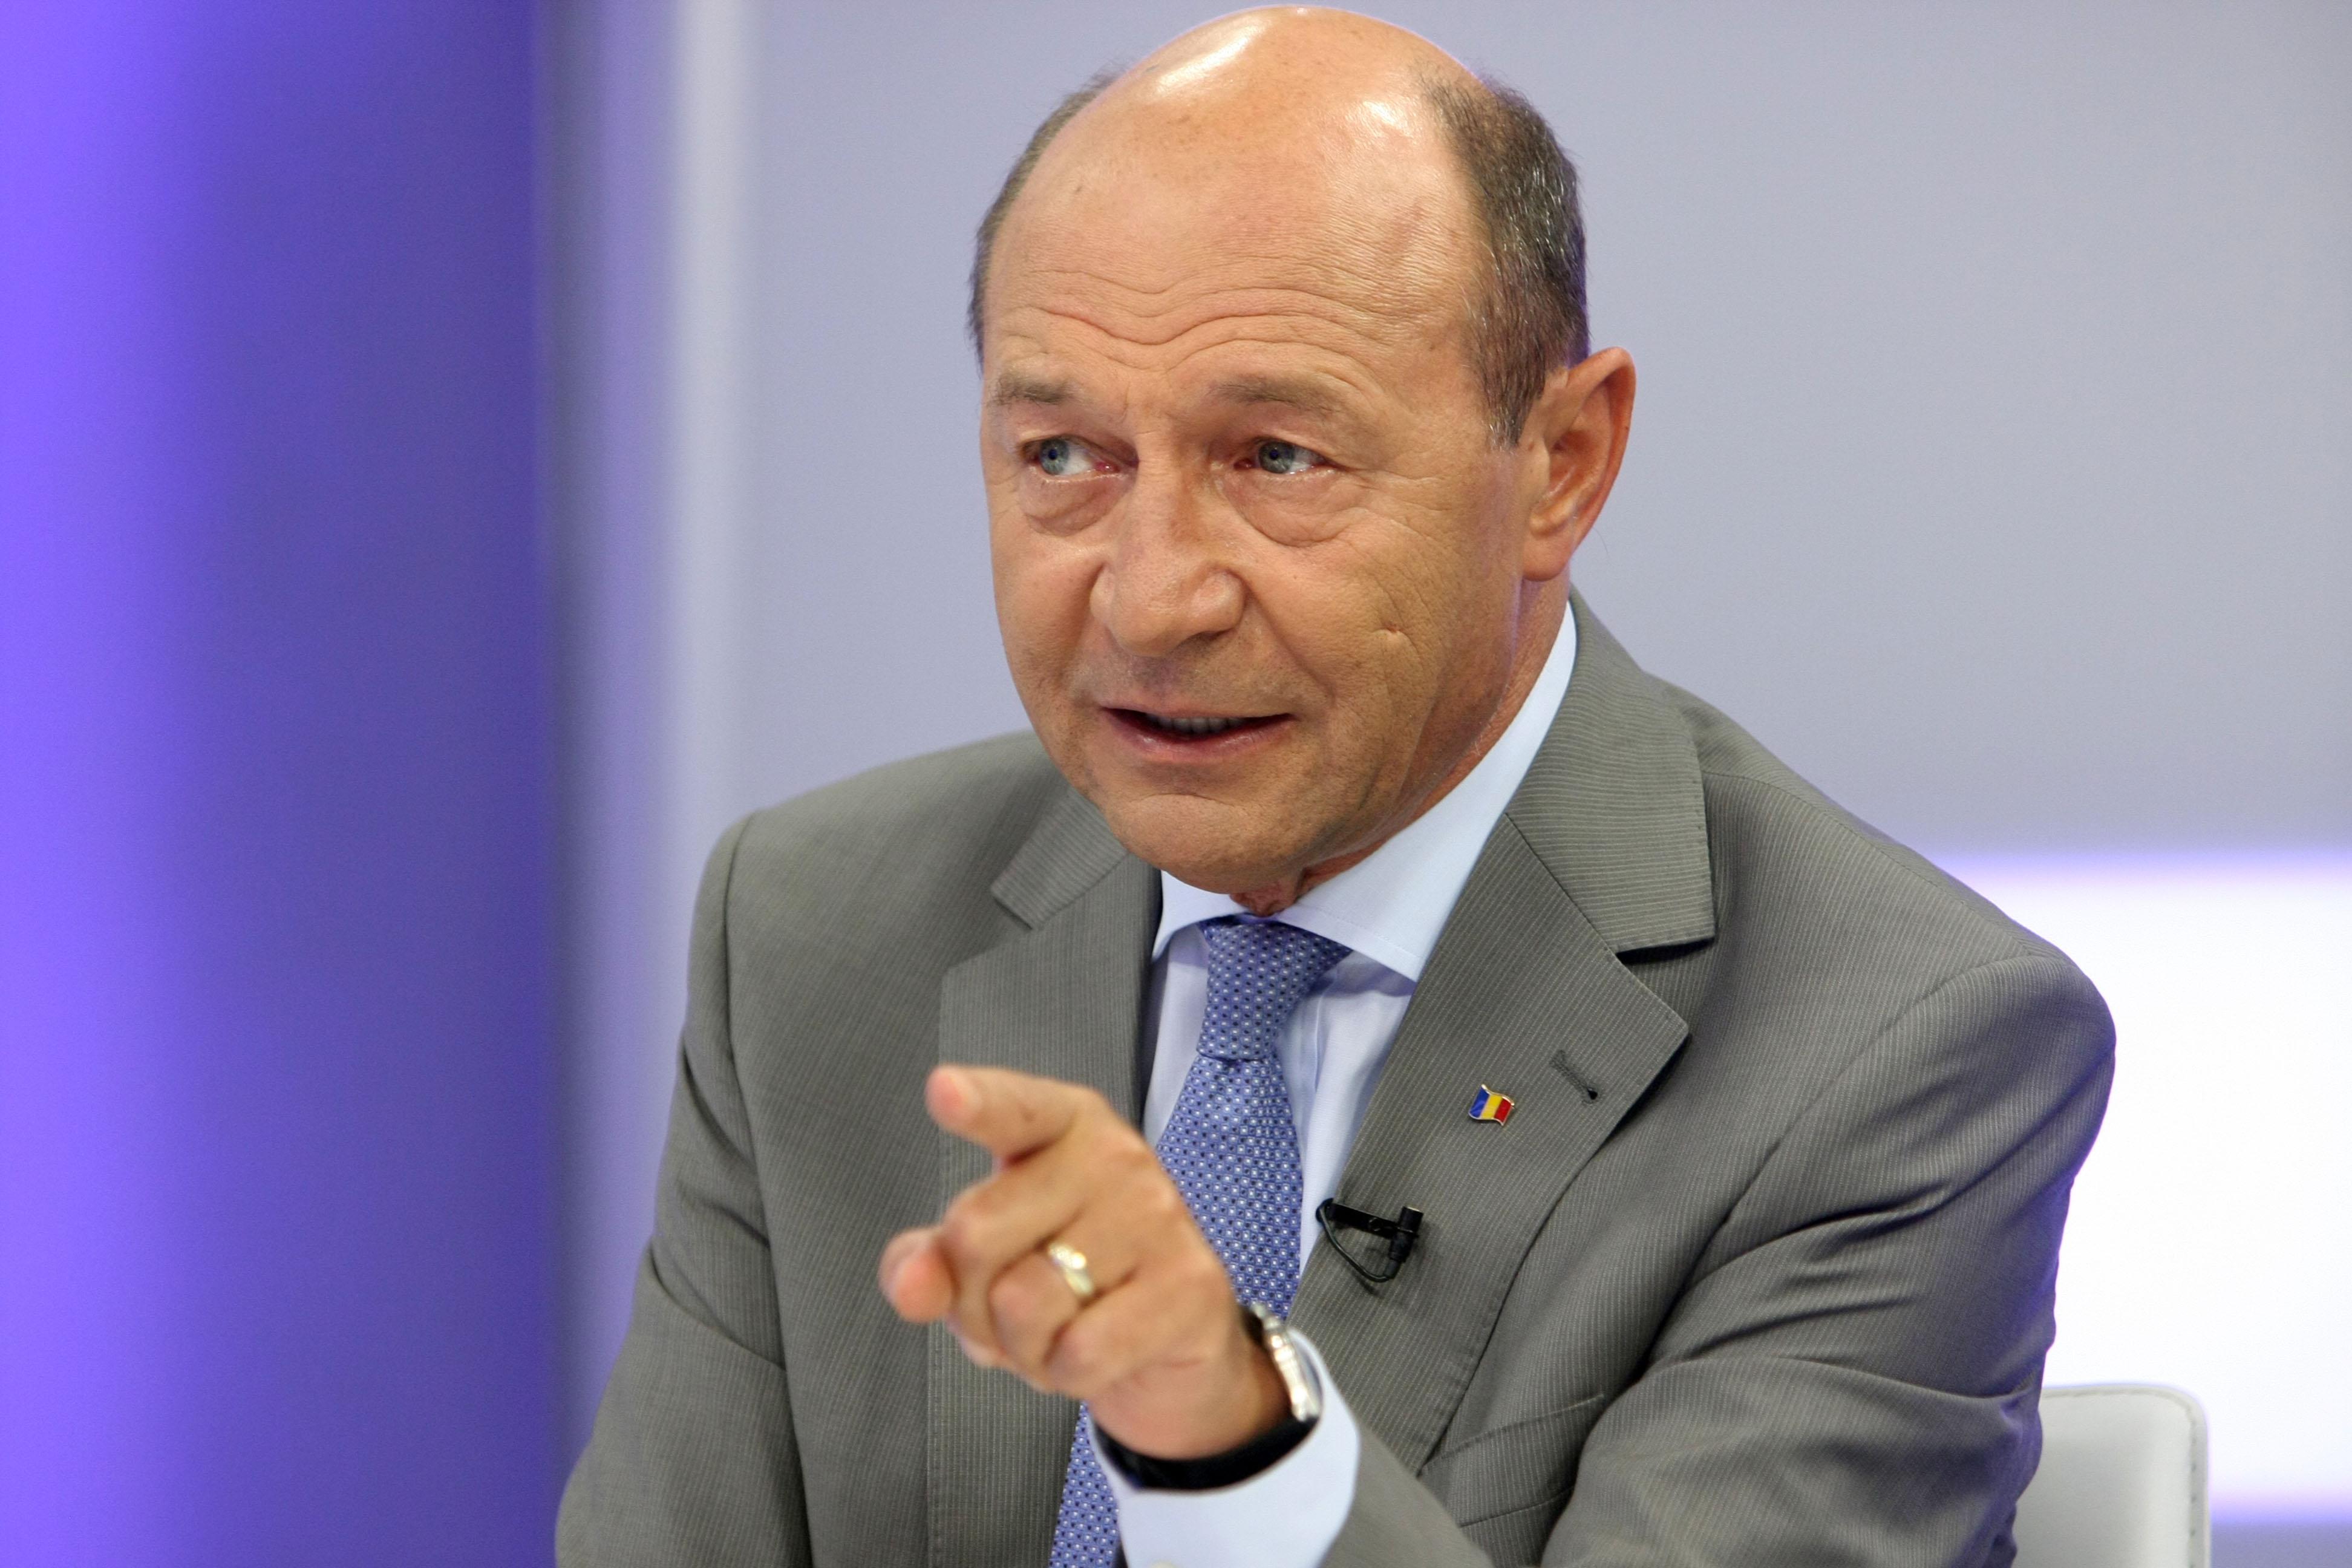 Traian Băsescu: Taxa de 7 cenți pe litru de carburant este inutilă